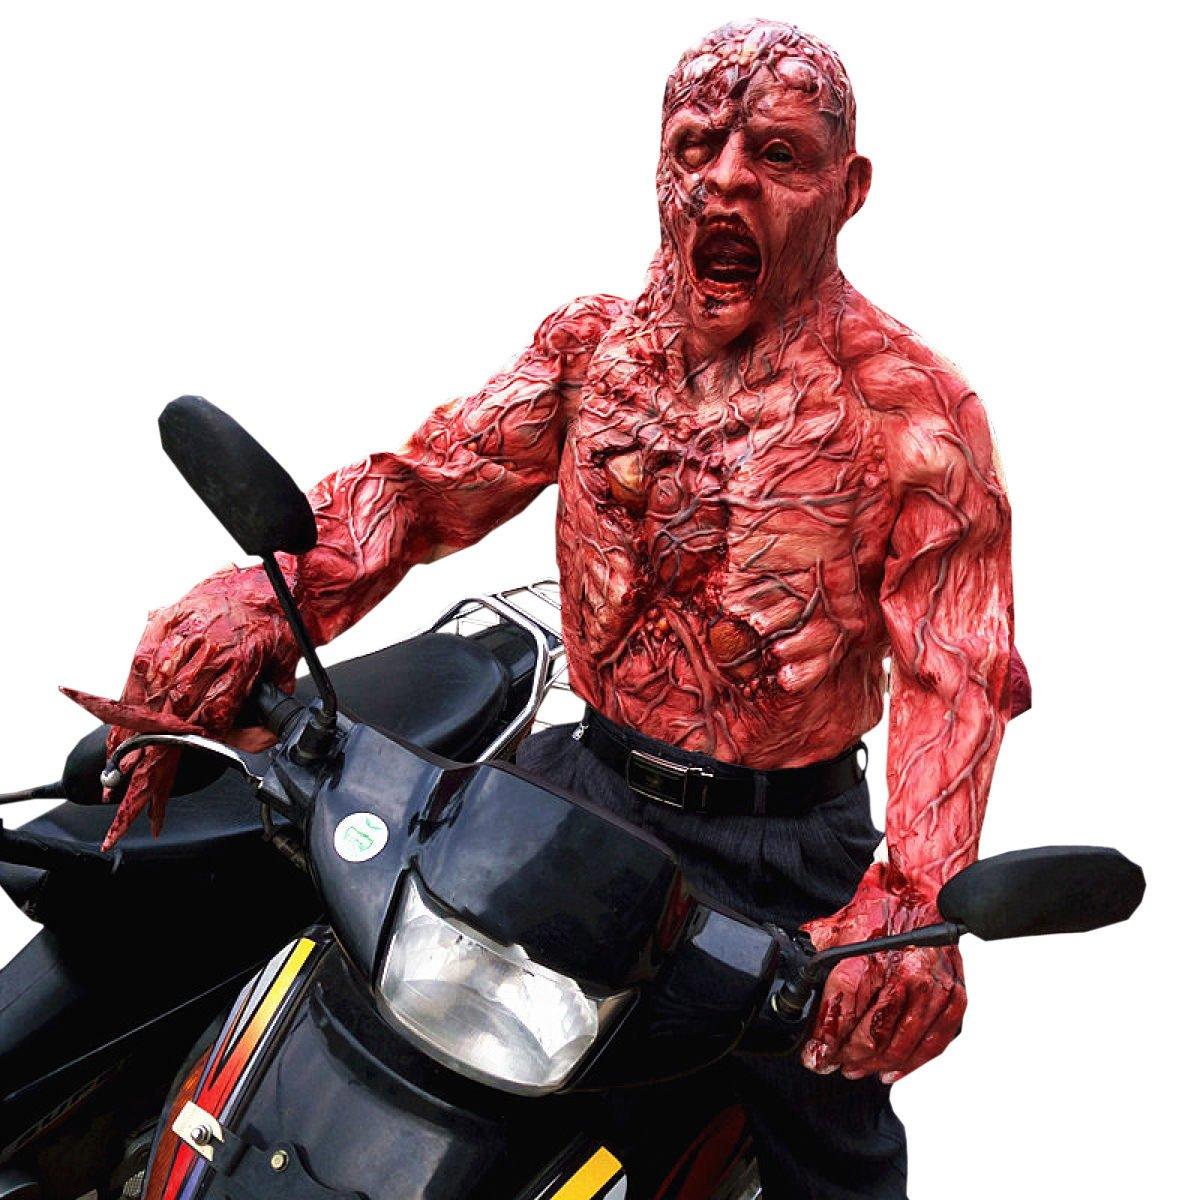 Nihiug Halloween Casa Encantada La Gente Real Miedo Máscaras Usable Horror Gorras Ropa Zombi Momia Difícil Apoyos Máscara Fea De Halloween,A